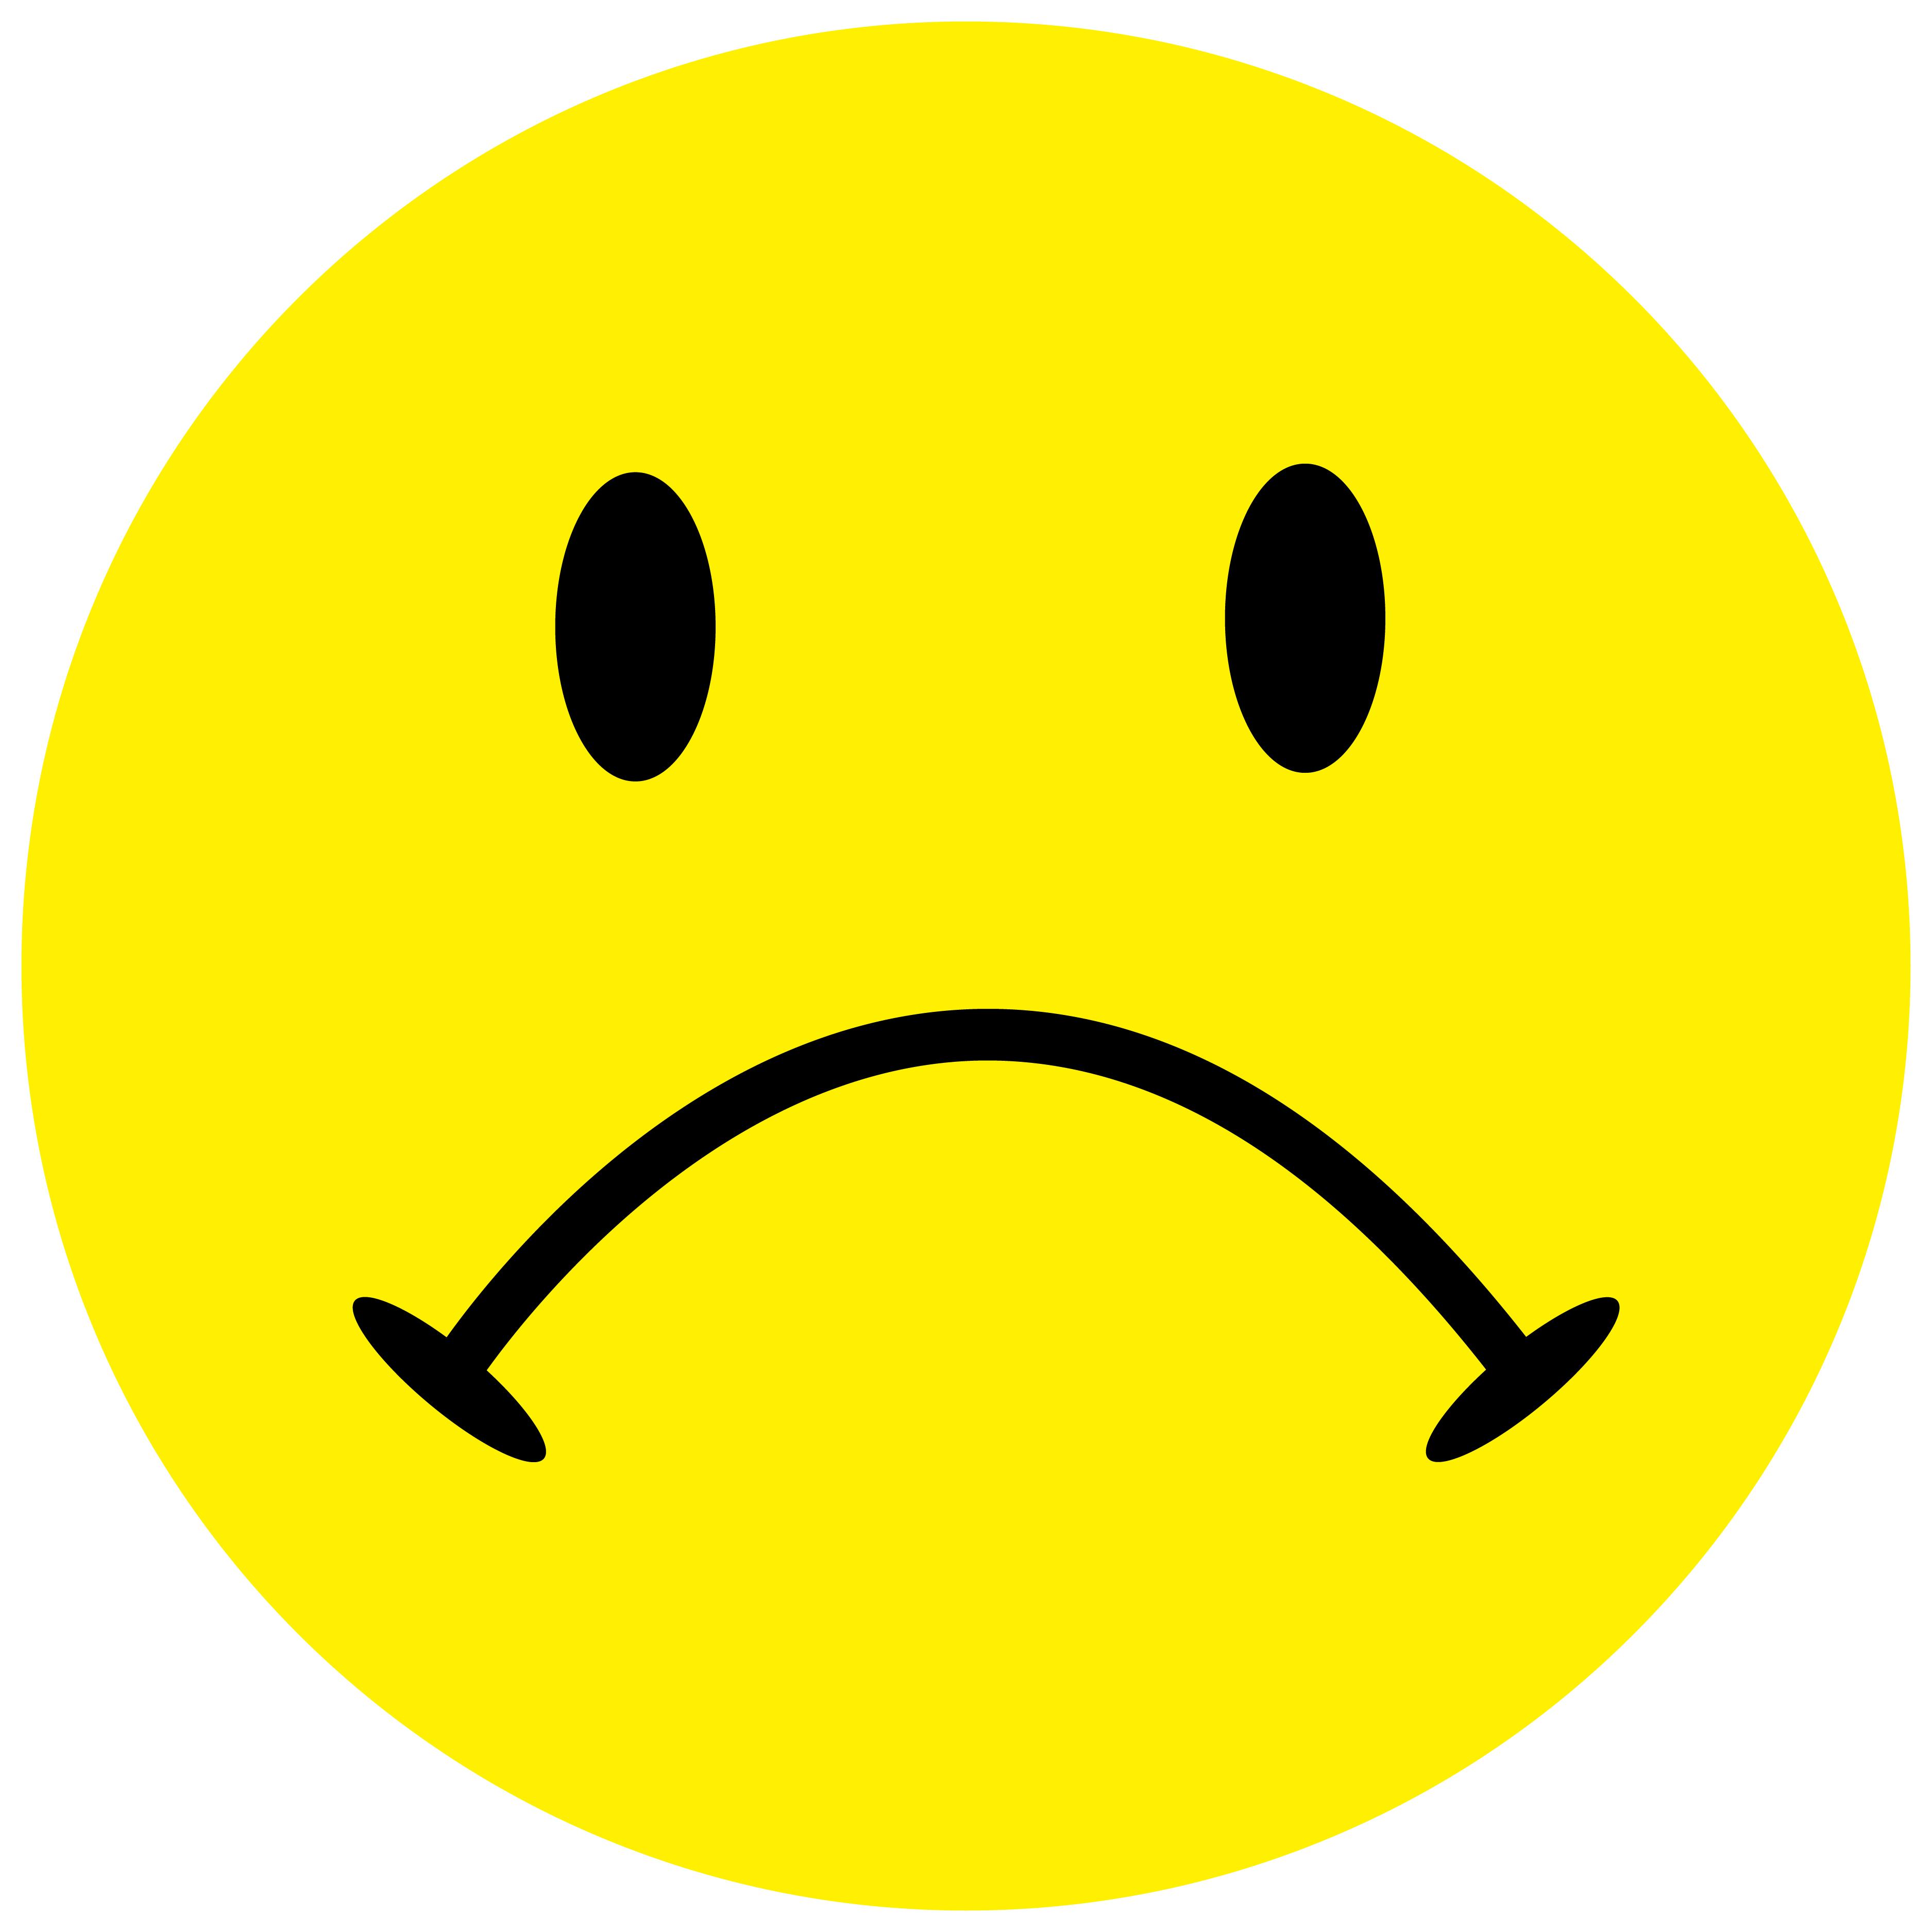 Smiley Aufkleber, Sticker Traurig Smilies, Menge/Größefrei wählbar